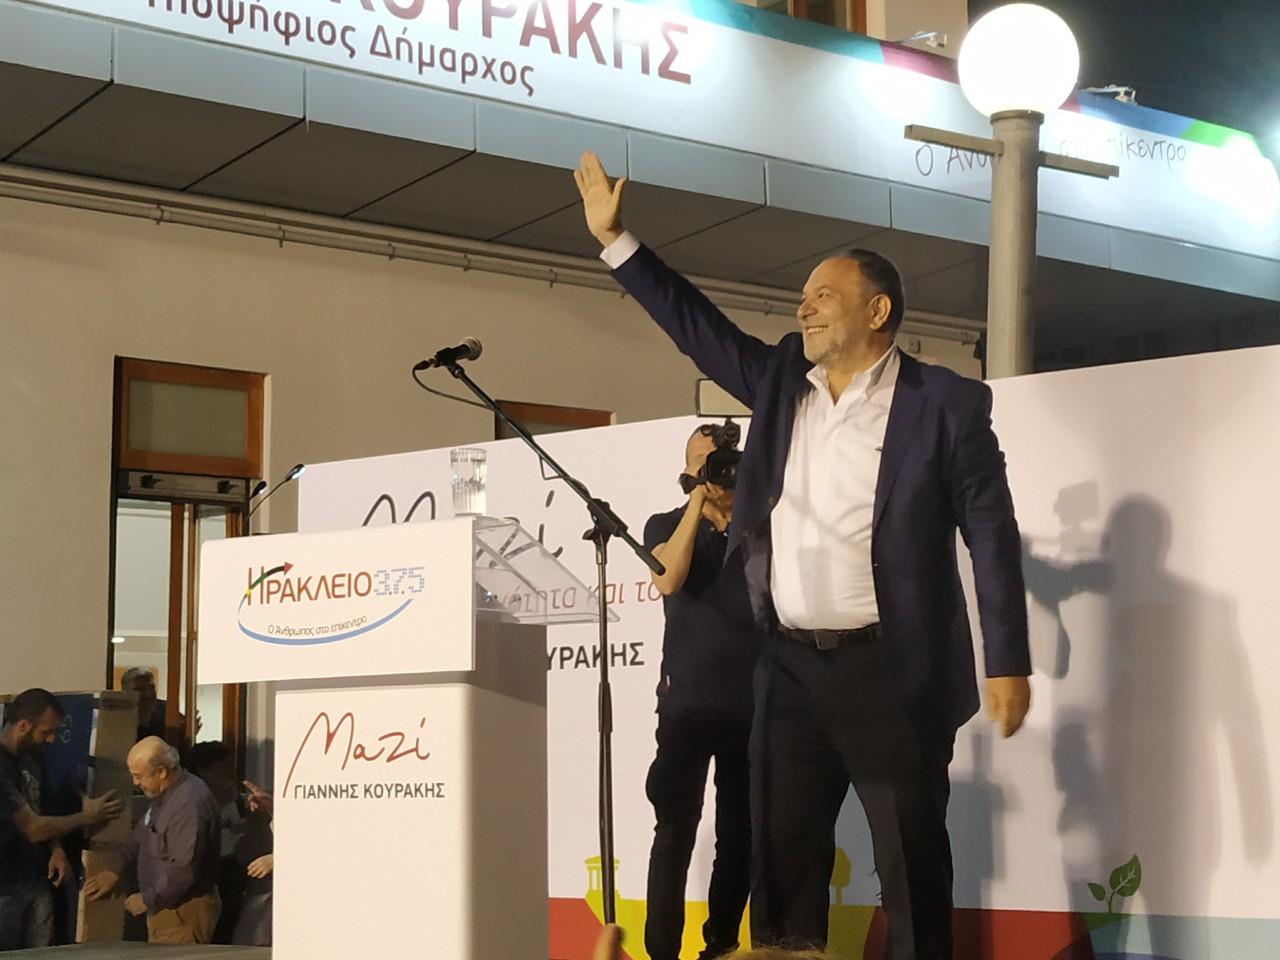 Προεκλογική συγκέντρωση του Γιάννη Κουράκη.